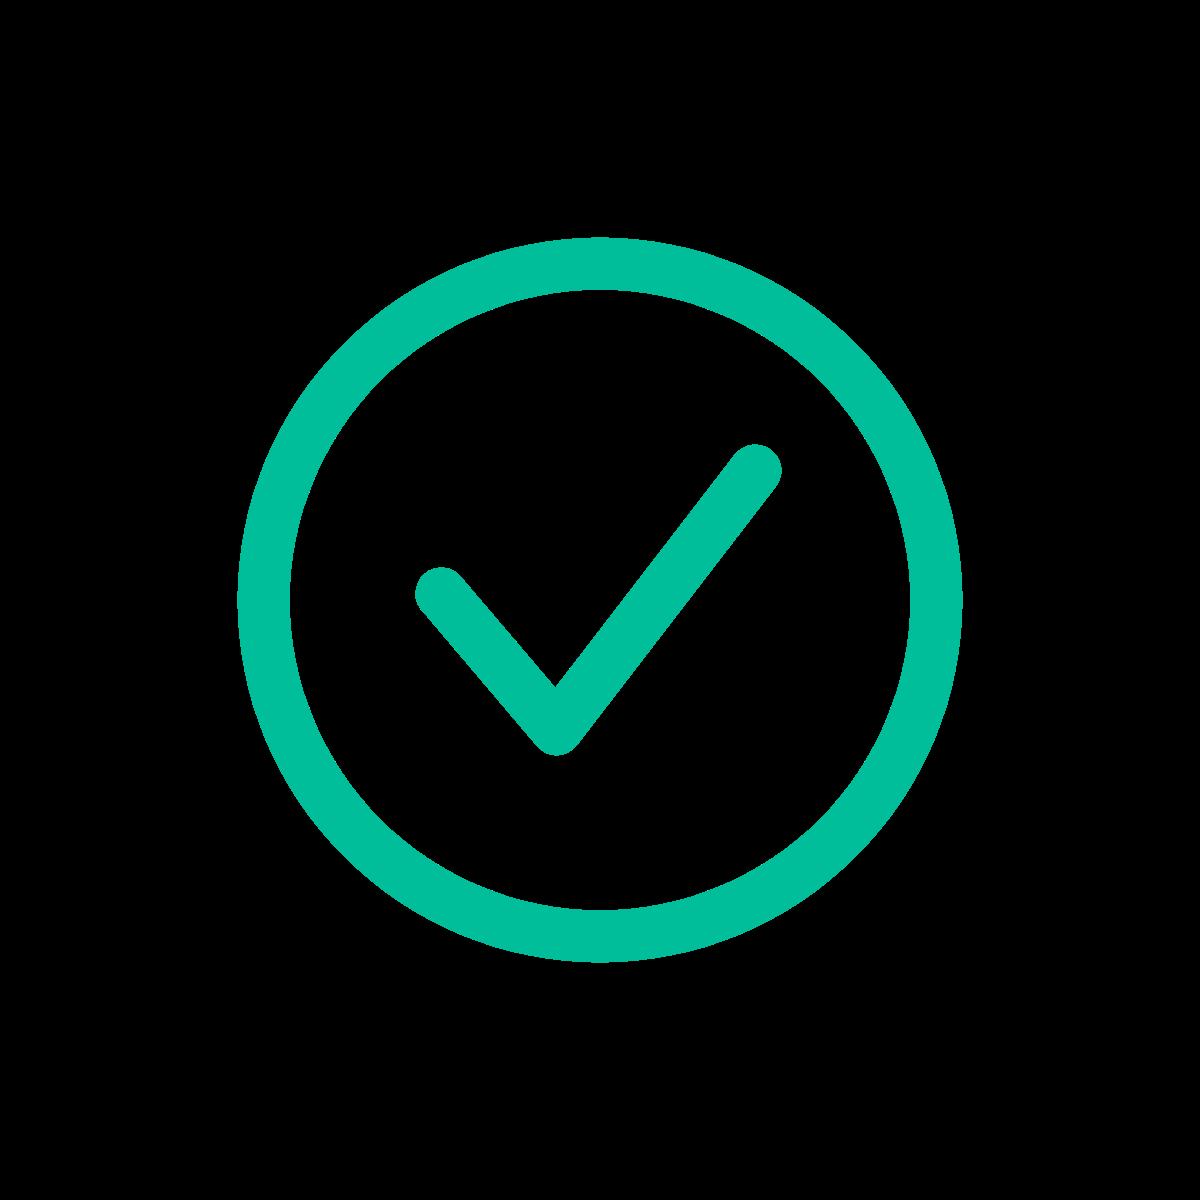 Tick icon3